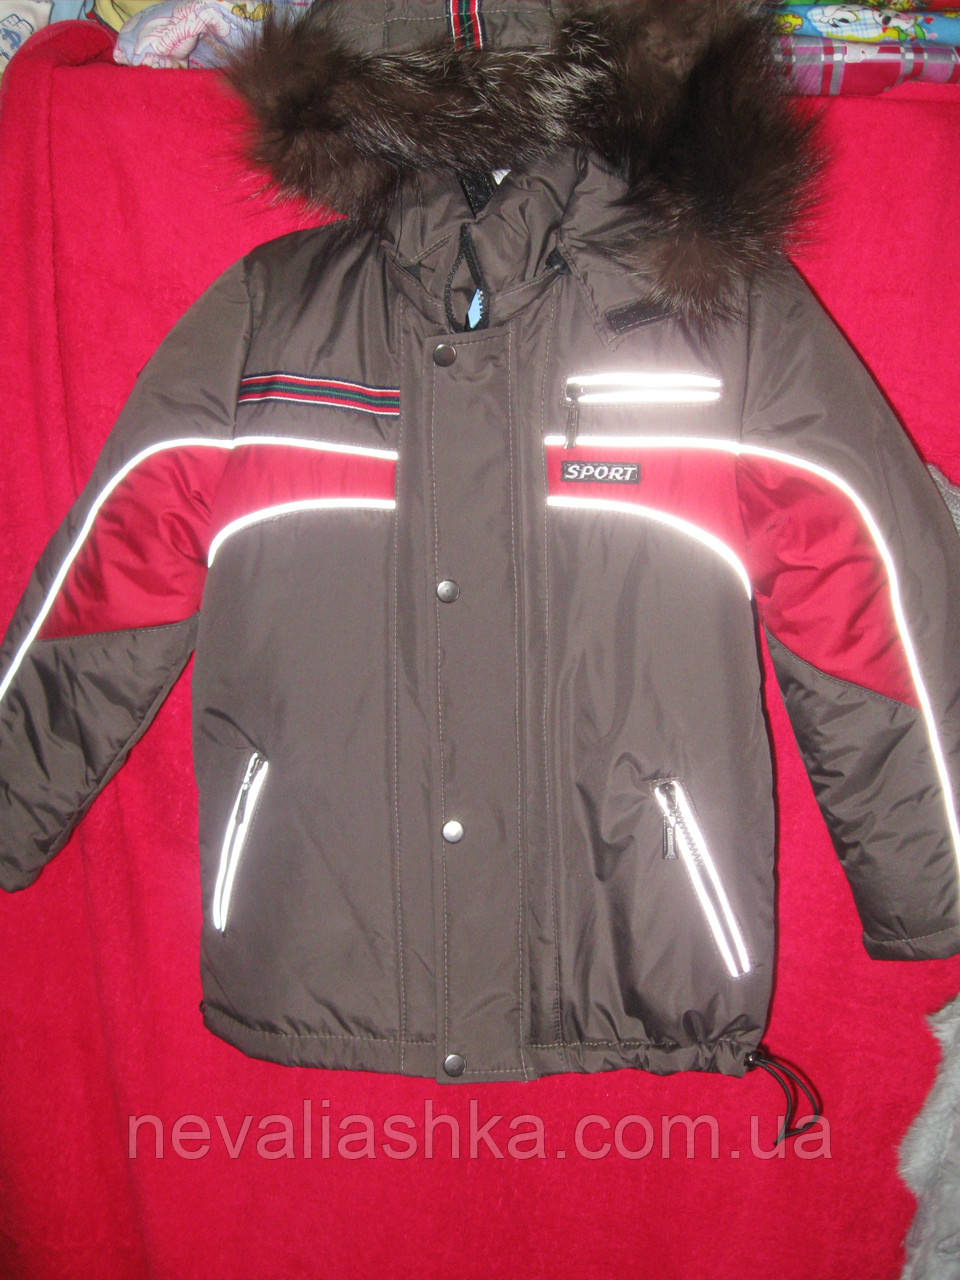 Куртка +подстежка  мех зима раз. 128-134-140  Украина